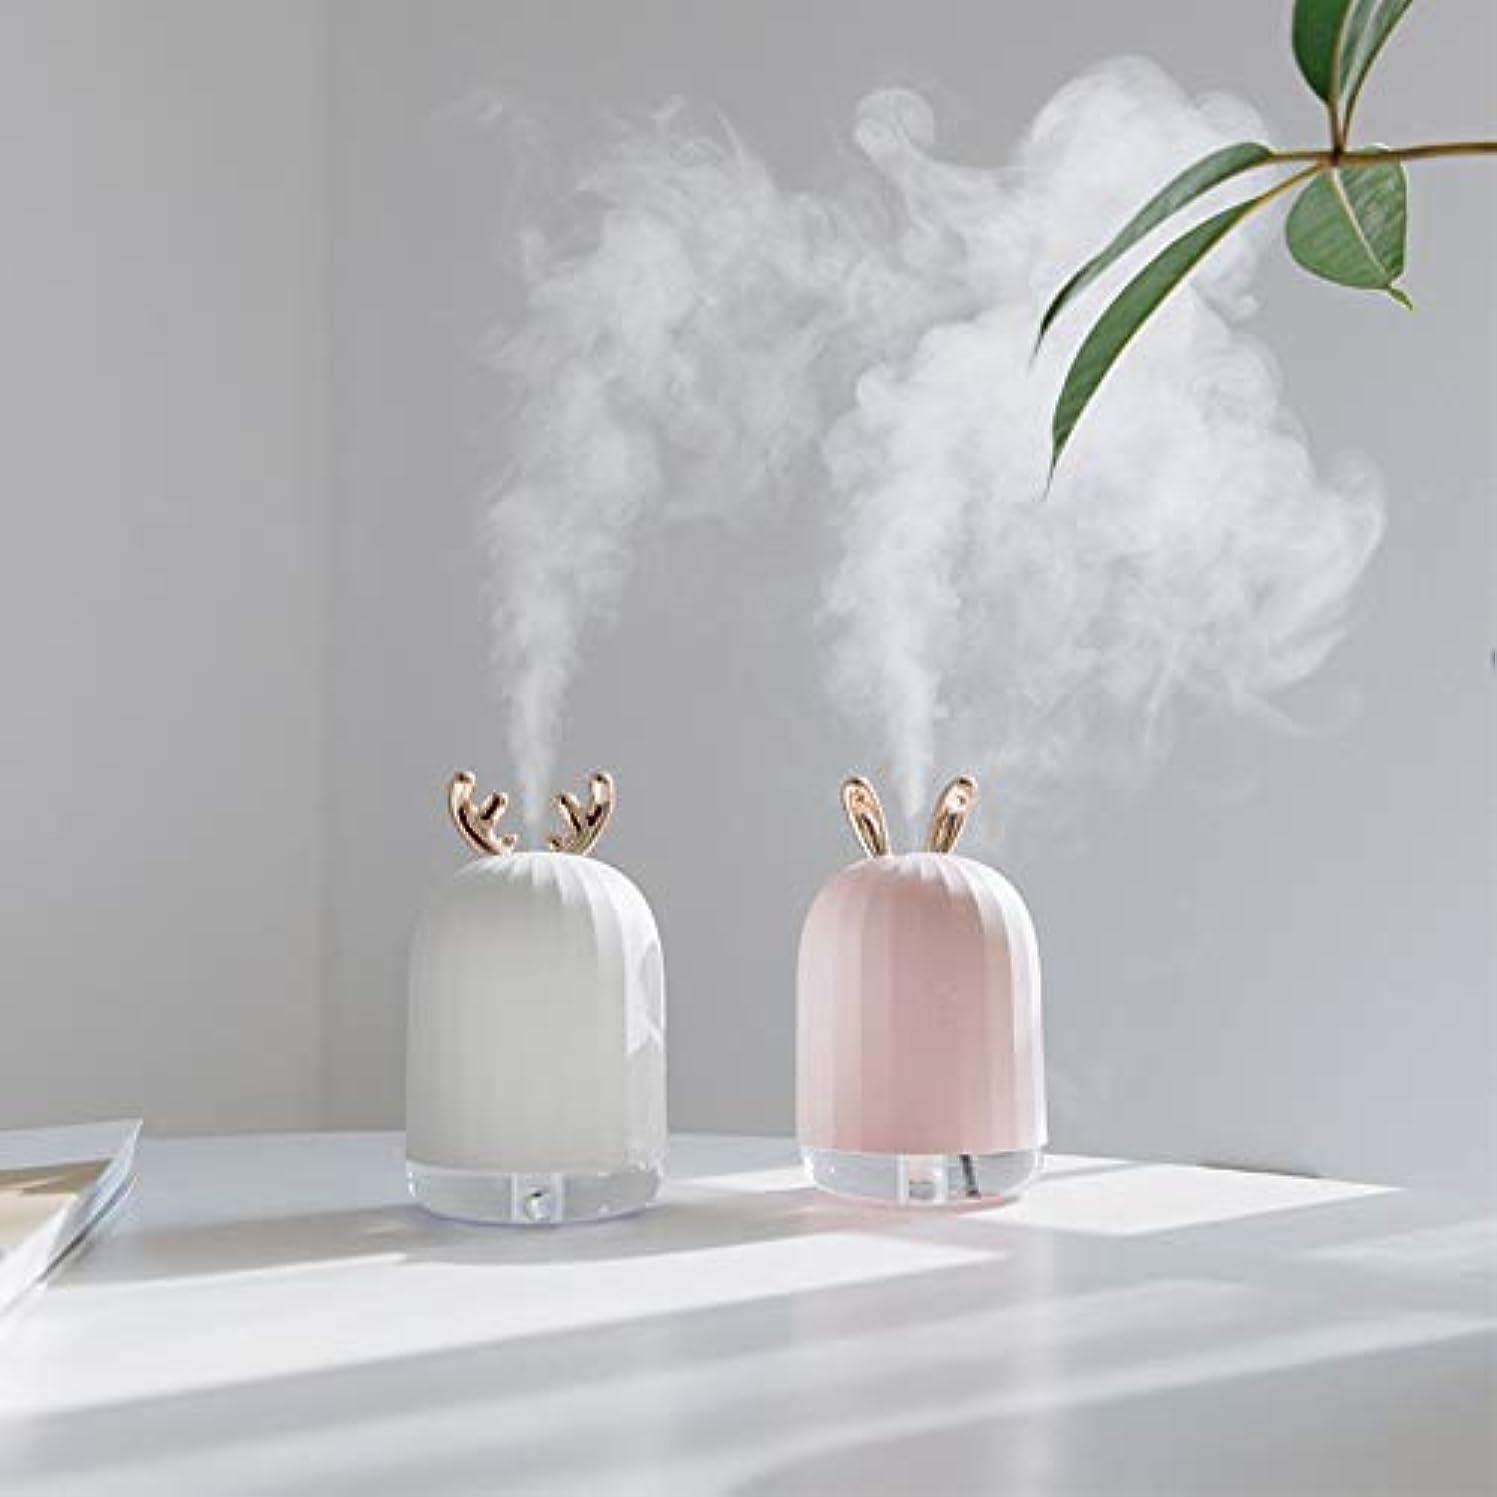 背の高い有毒以降ZXF LED水蒸気顔加湿器usb充電ナノスプレーカラフルな雰囲気ライトホワイトアントラーズピンクうさぎモデルでクリエイティブ美容水和機器コールドスプレークリエイティブ 滑らかである (色 : White)